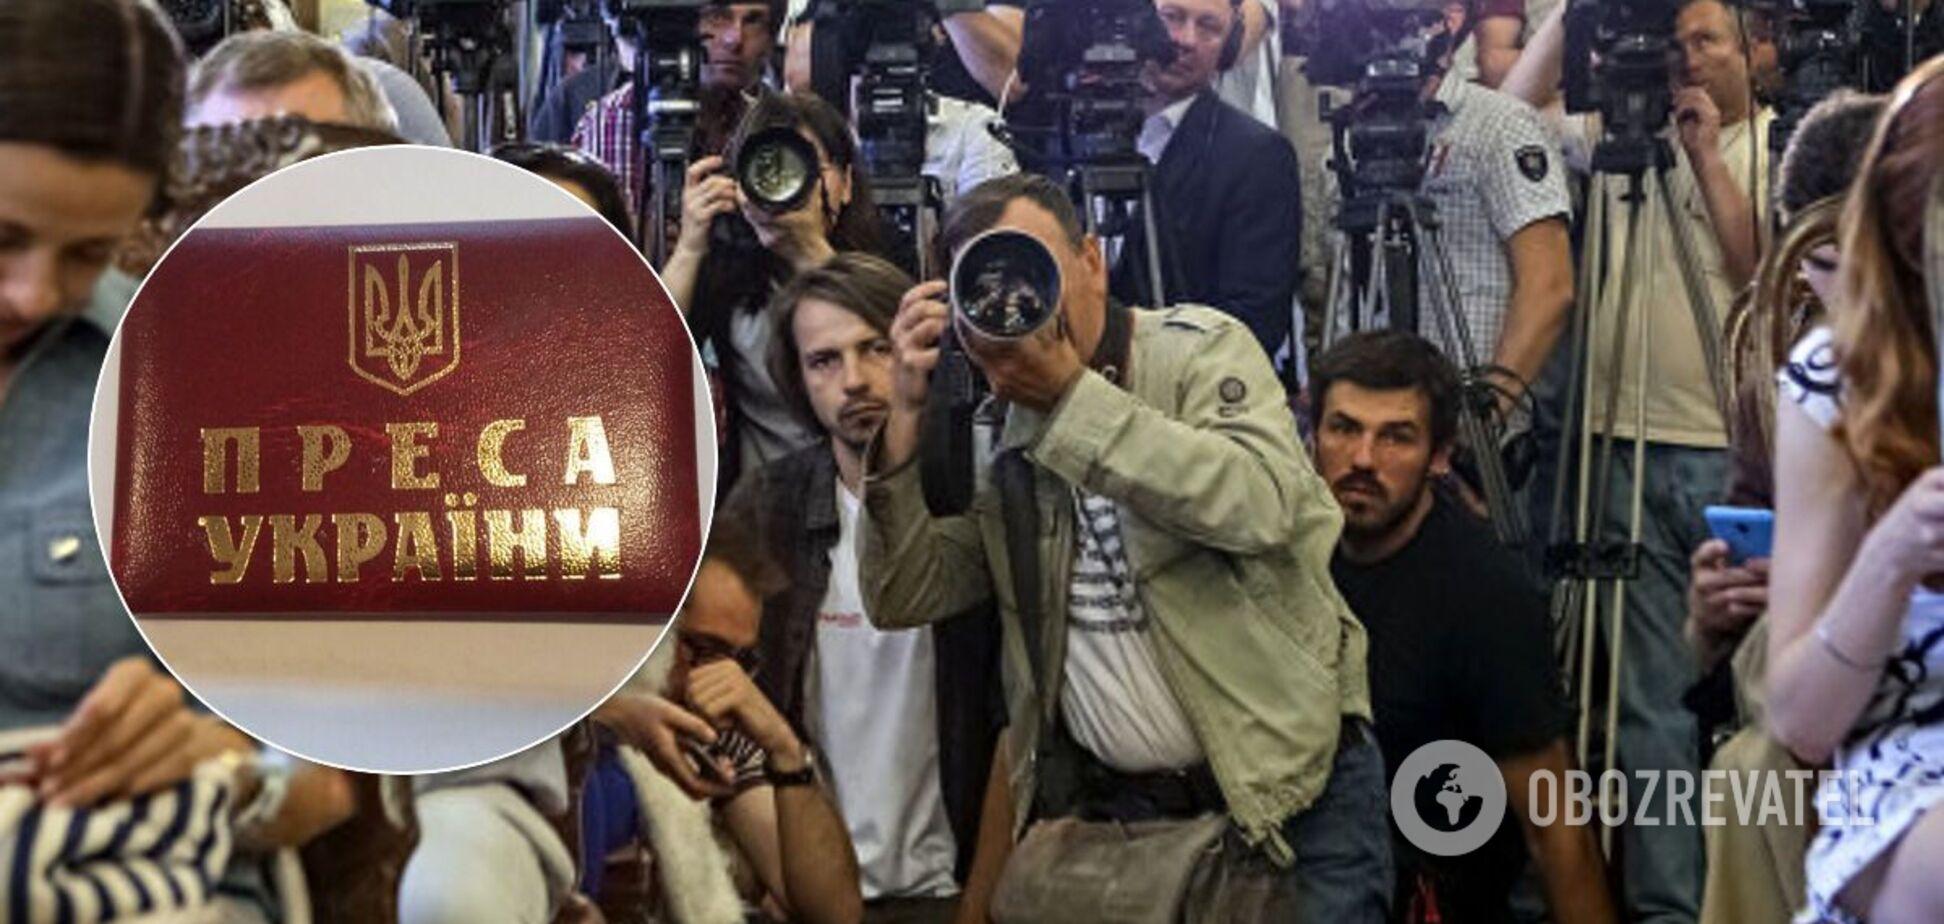 В Украине увеличили штрафы за преступления против журналистов